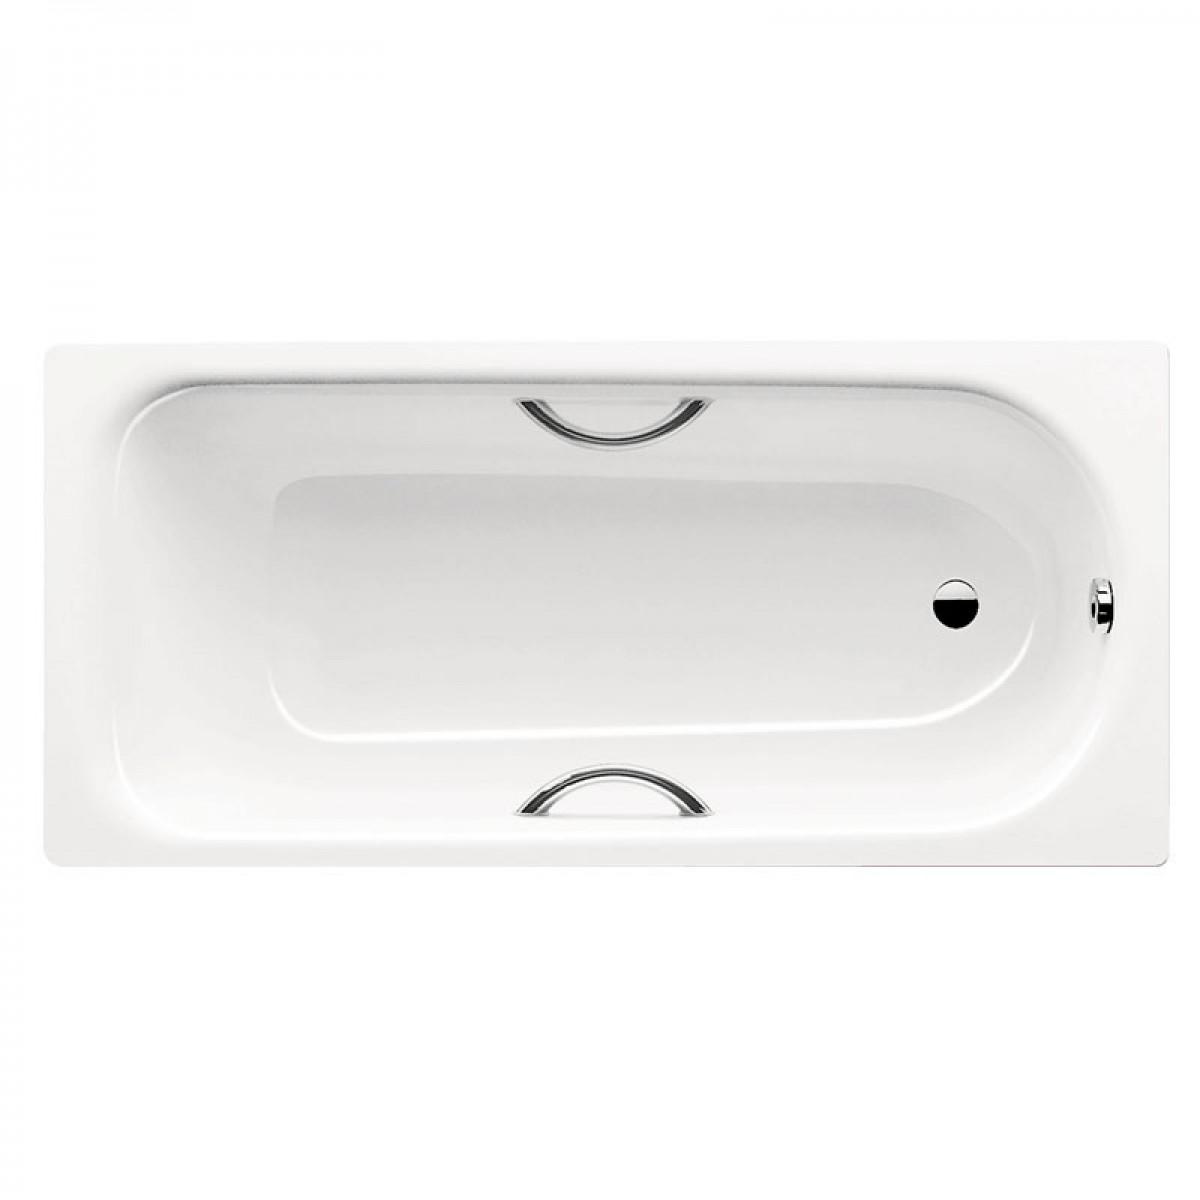 Ванна стальная Kaldewei SANIFORM PLUS STAR (374) 175х75 112200013001